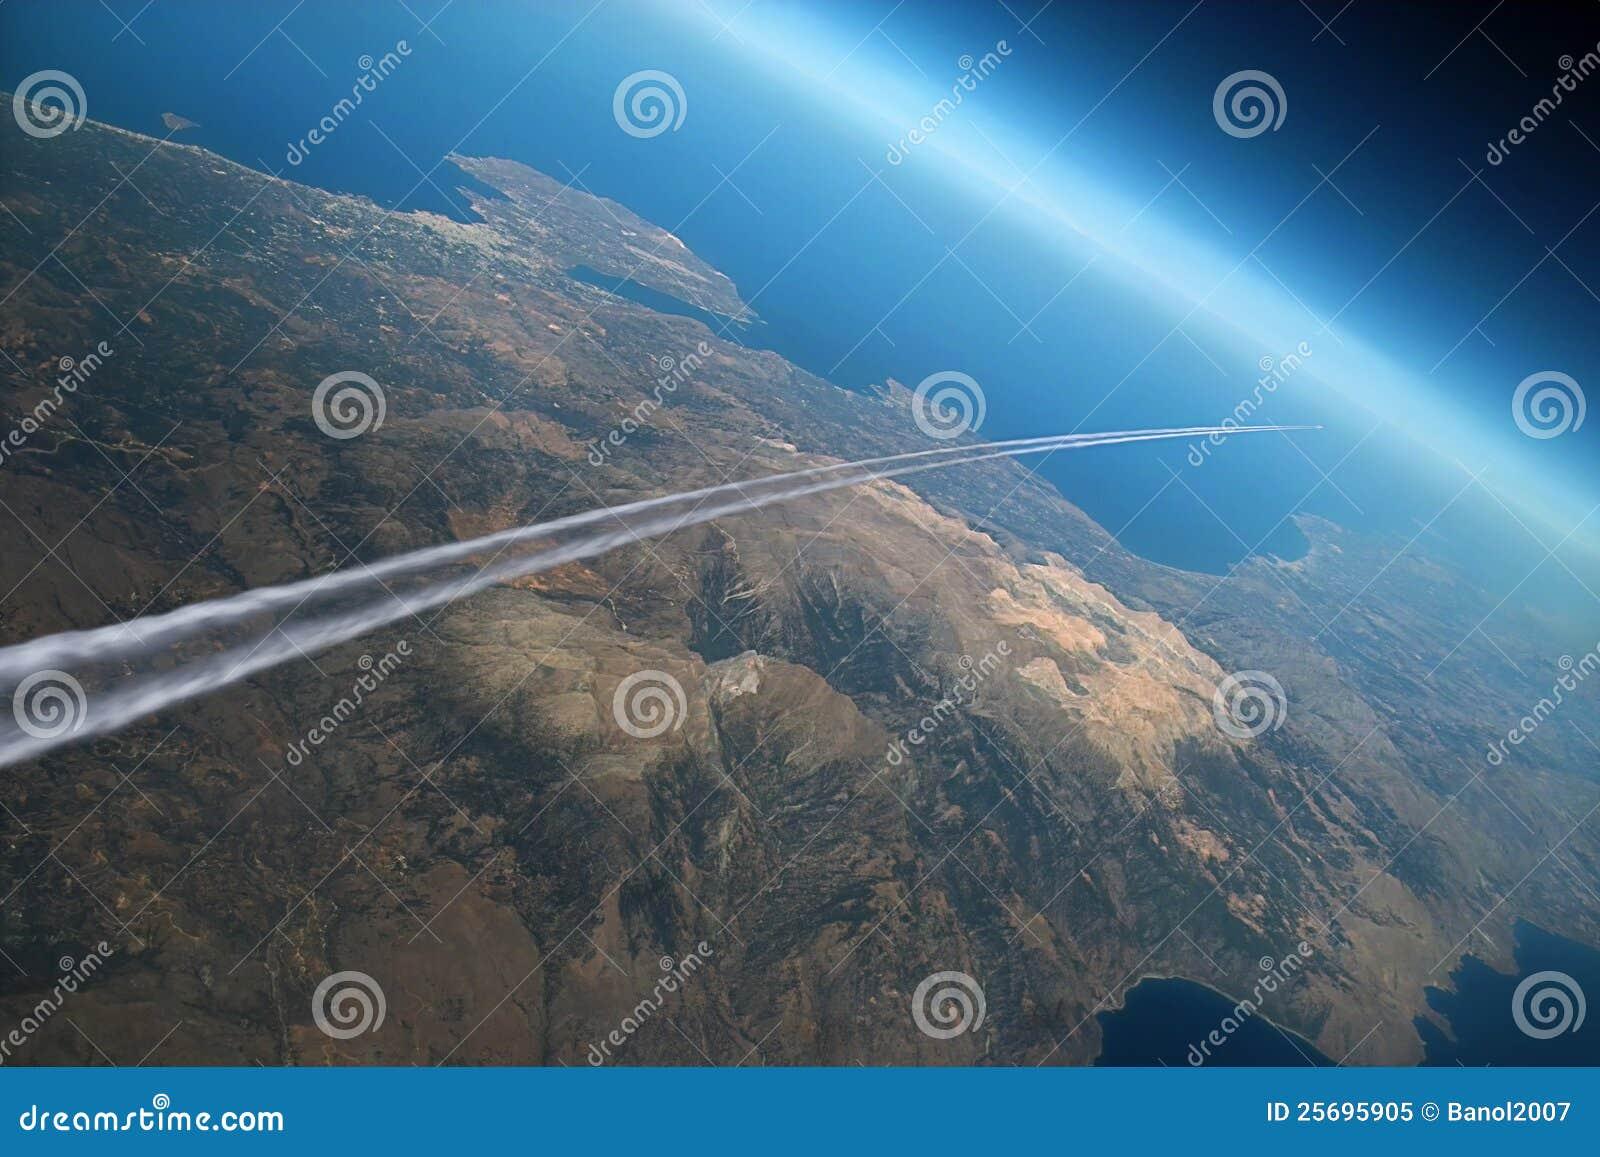 Rastro del aeroplano sobre la tierra de la mañana.